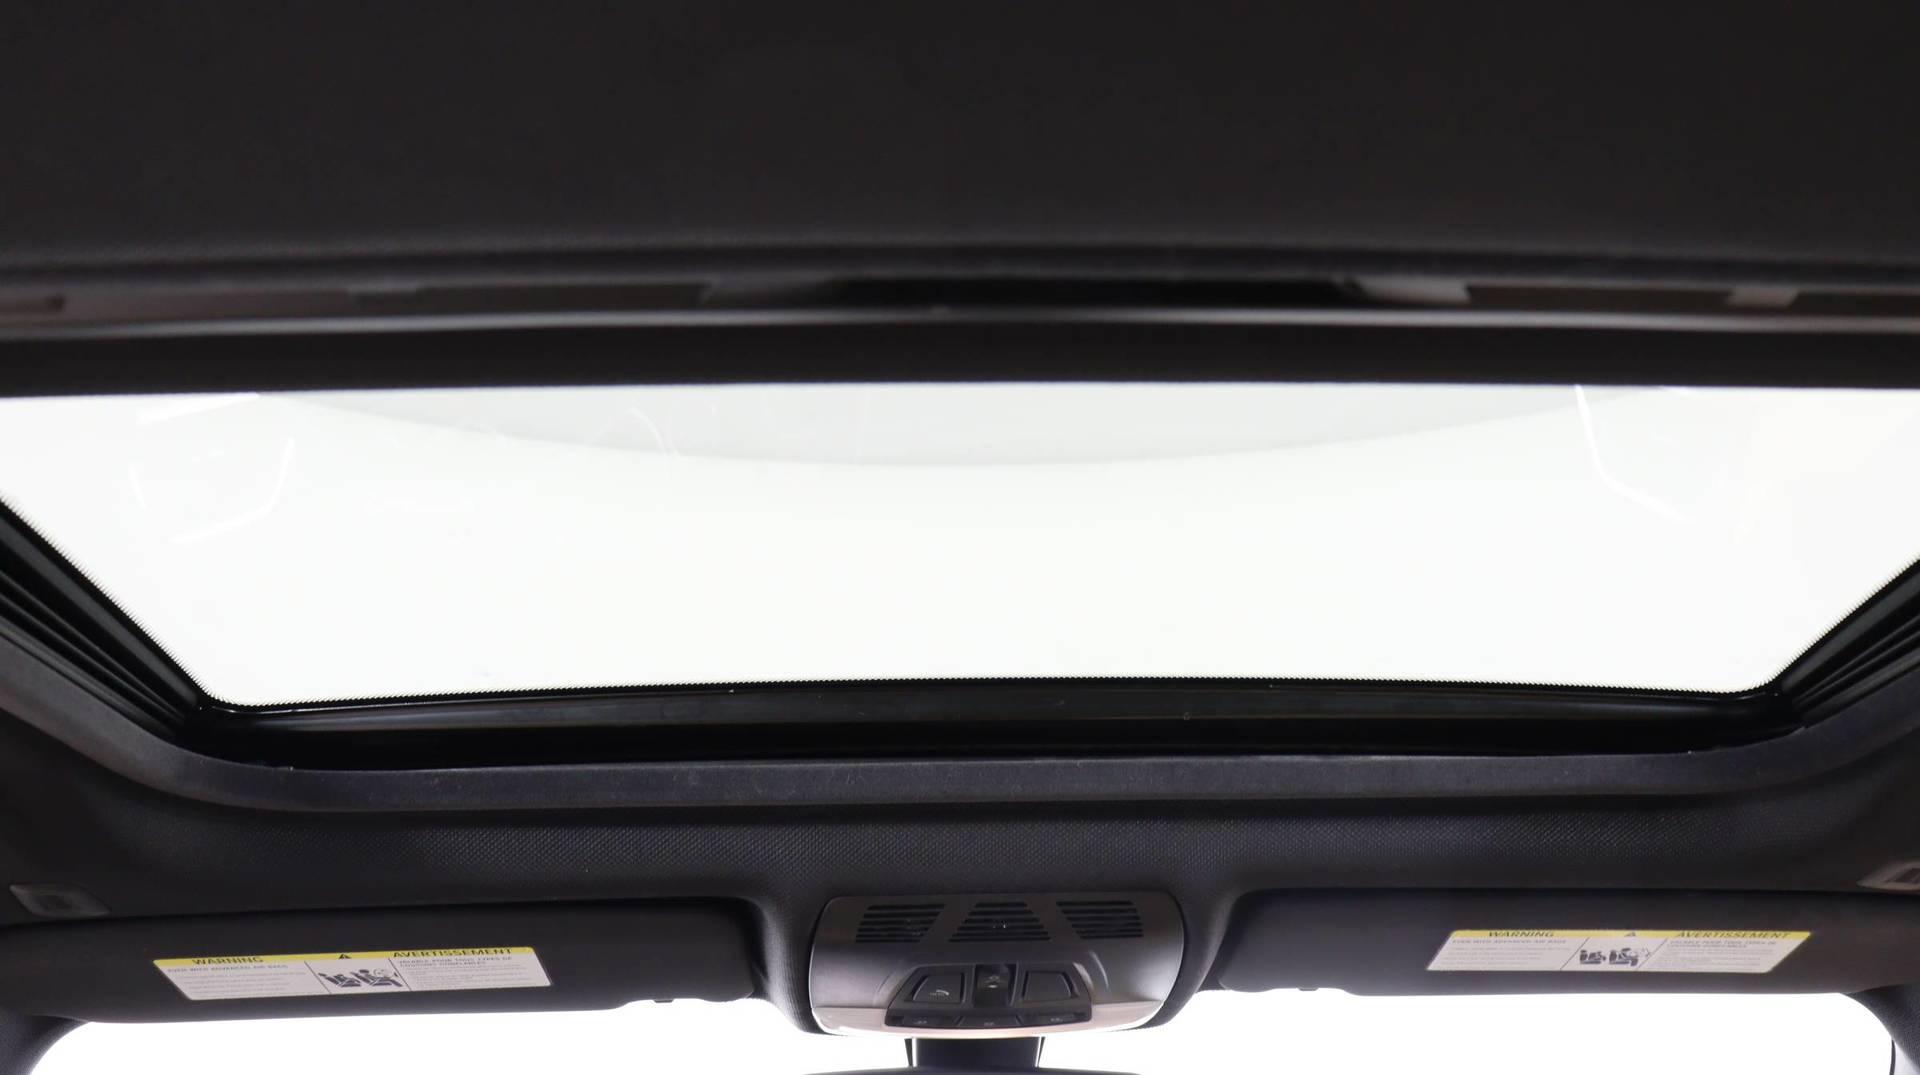 used vehicle - Sedan BMW 3 SERIES 2016